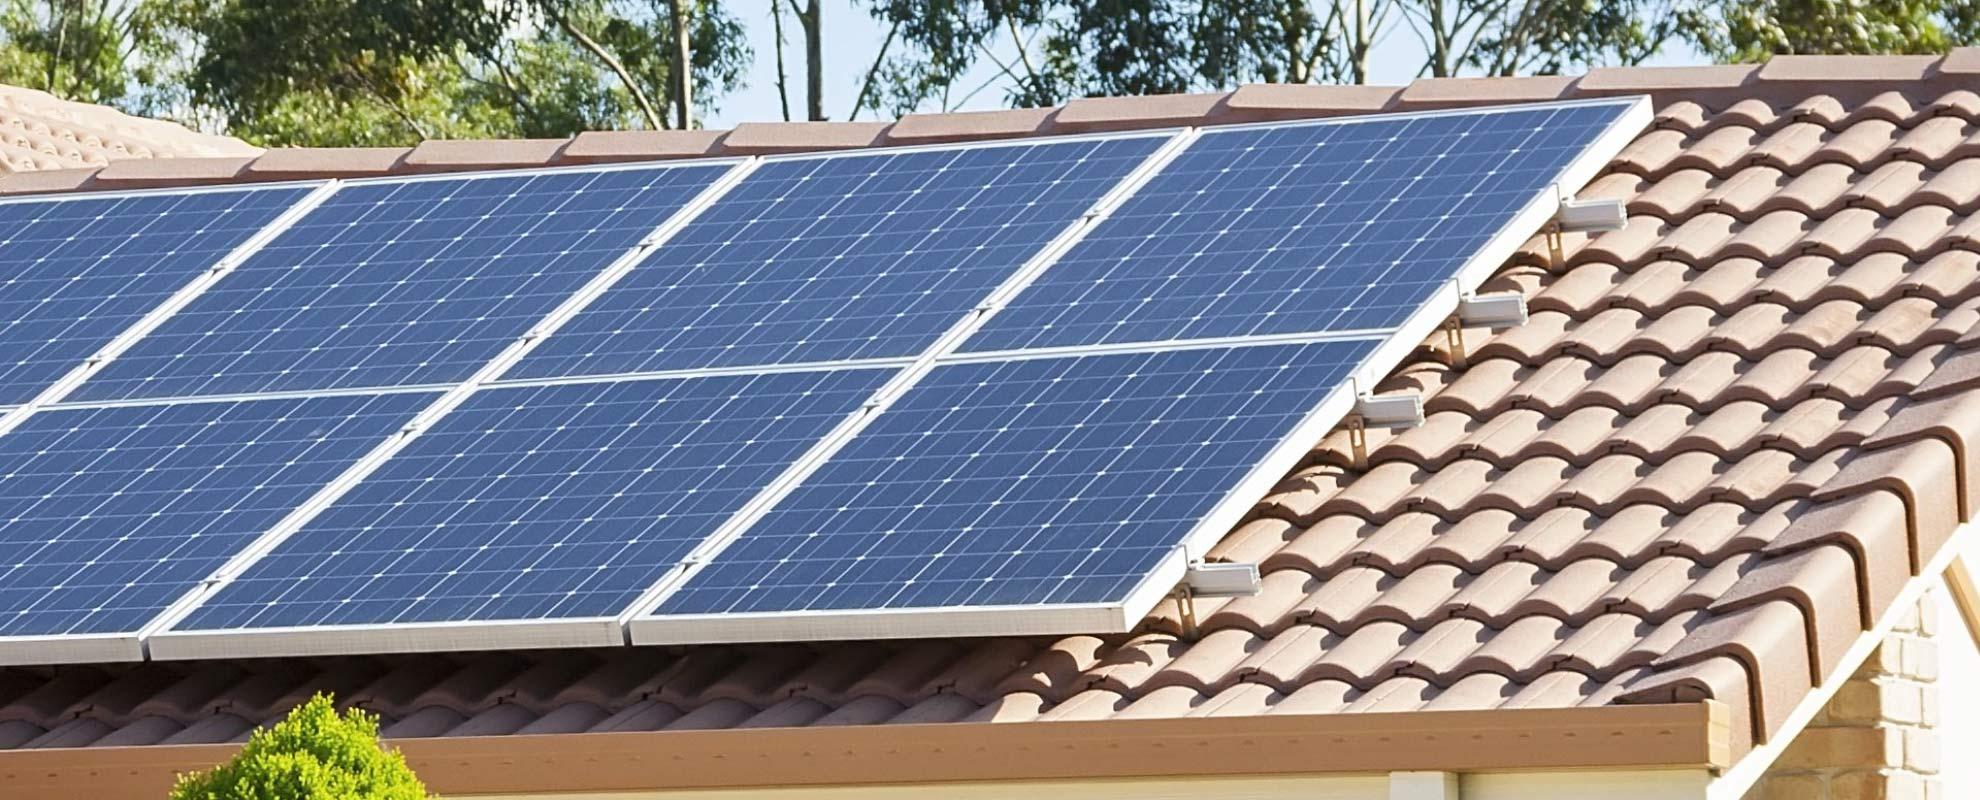 Instalación y mantenimiento de paneles solares en Madrid